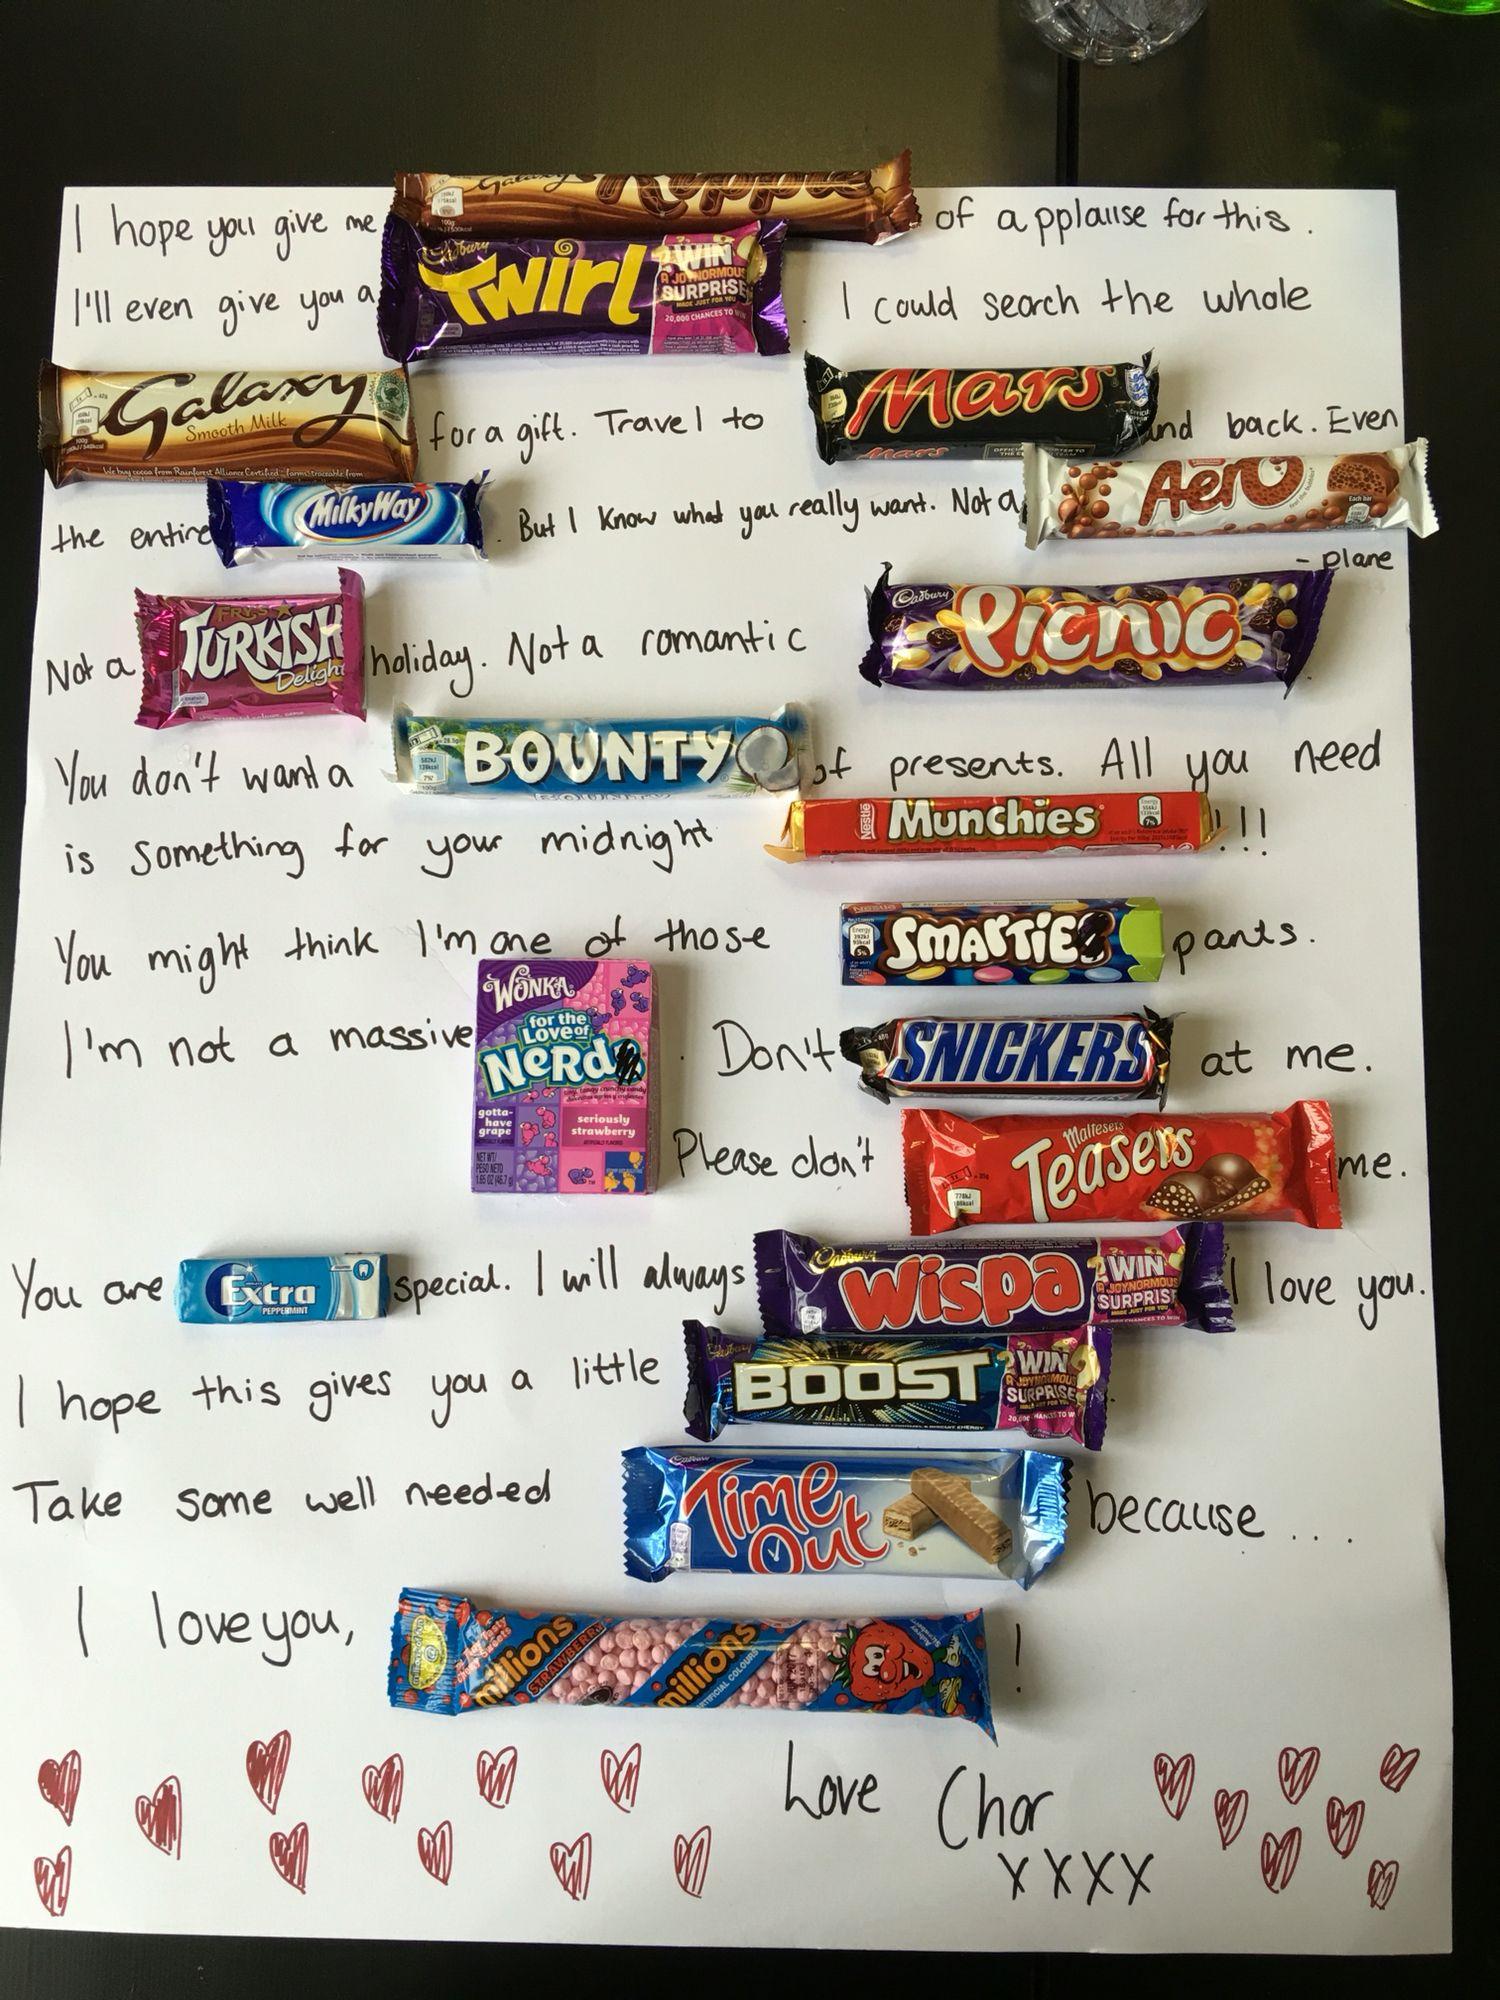 Chocolate Board Present For Boyfriend Presents For Boyfriend Chocolate Bar Chocolate